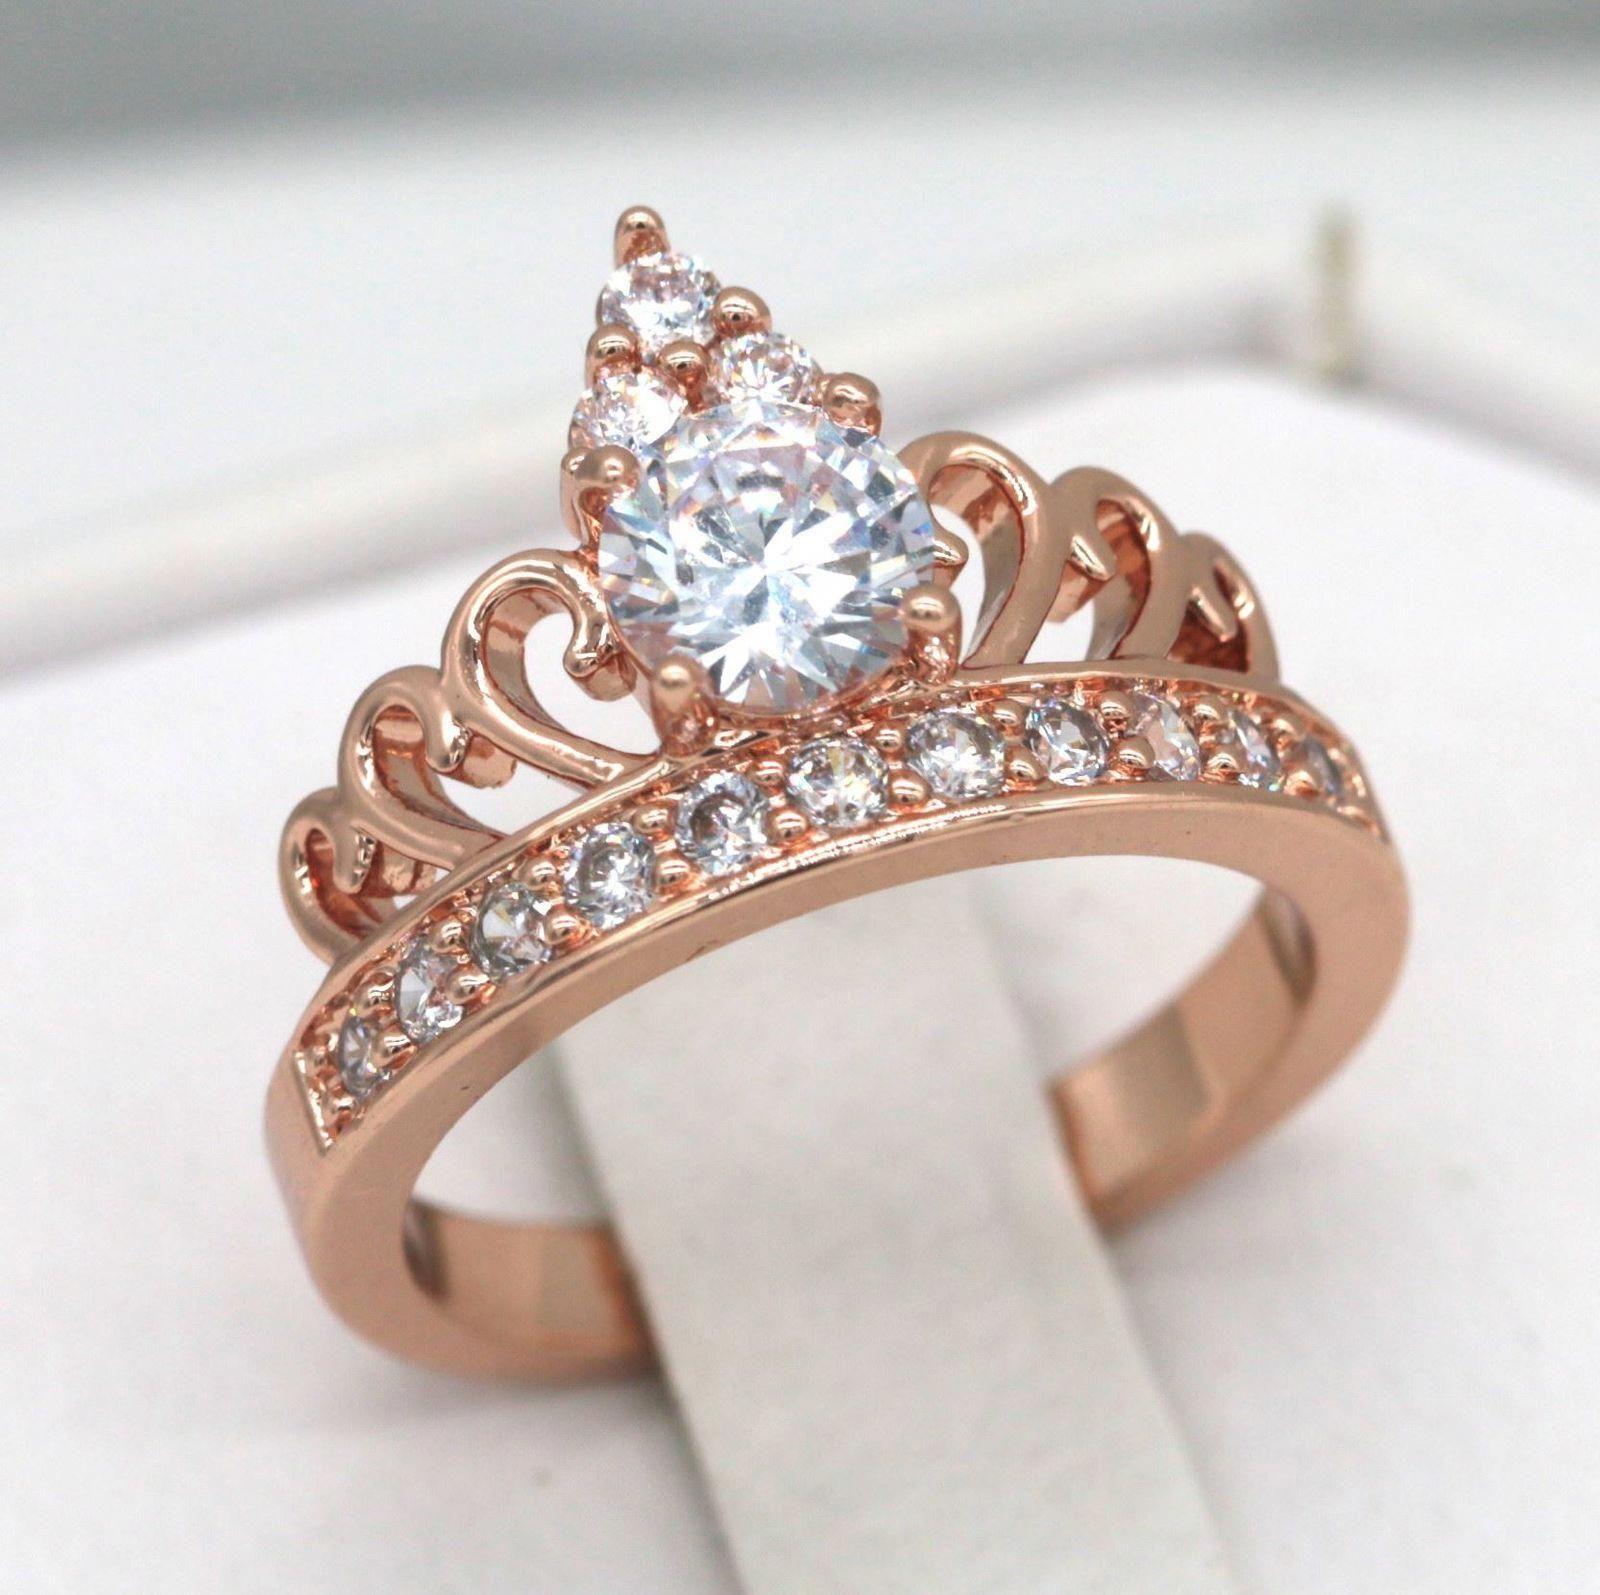 rosegoldring Pandora rings promise, 14k gold wedding